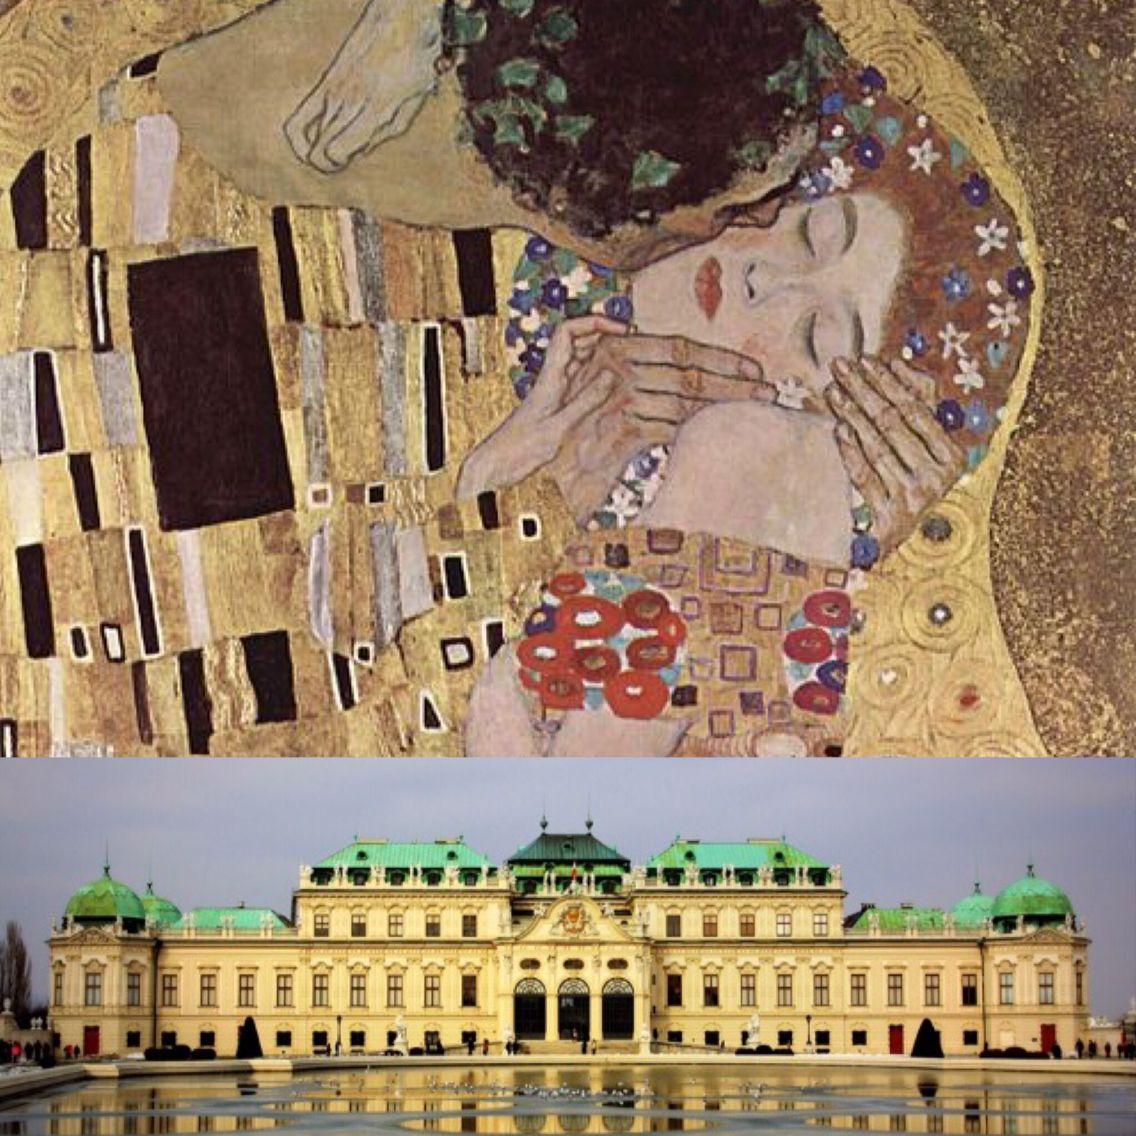 Osterreichische Galerie Belvedere Museum In Vienna Austria Arte Klimt Gustav Klimt Klimt